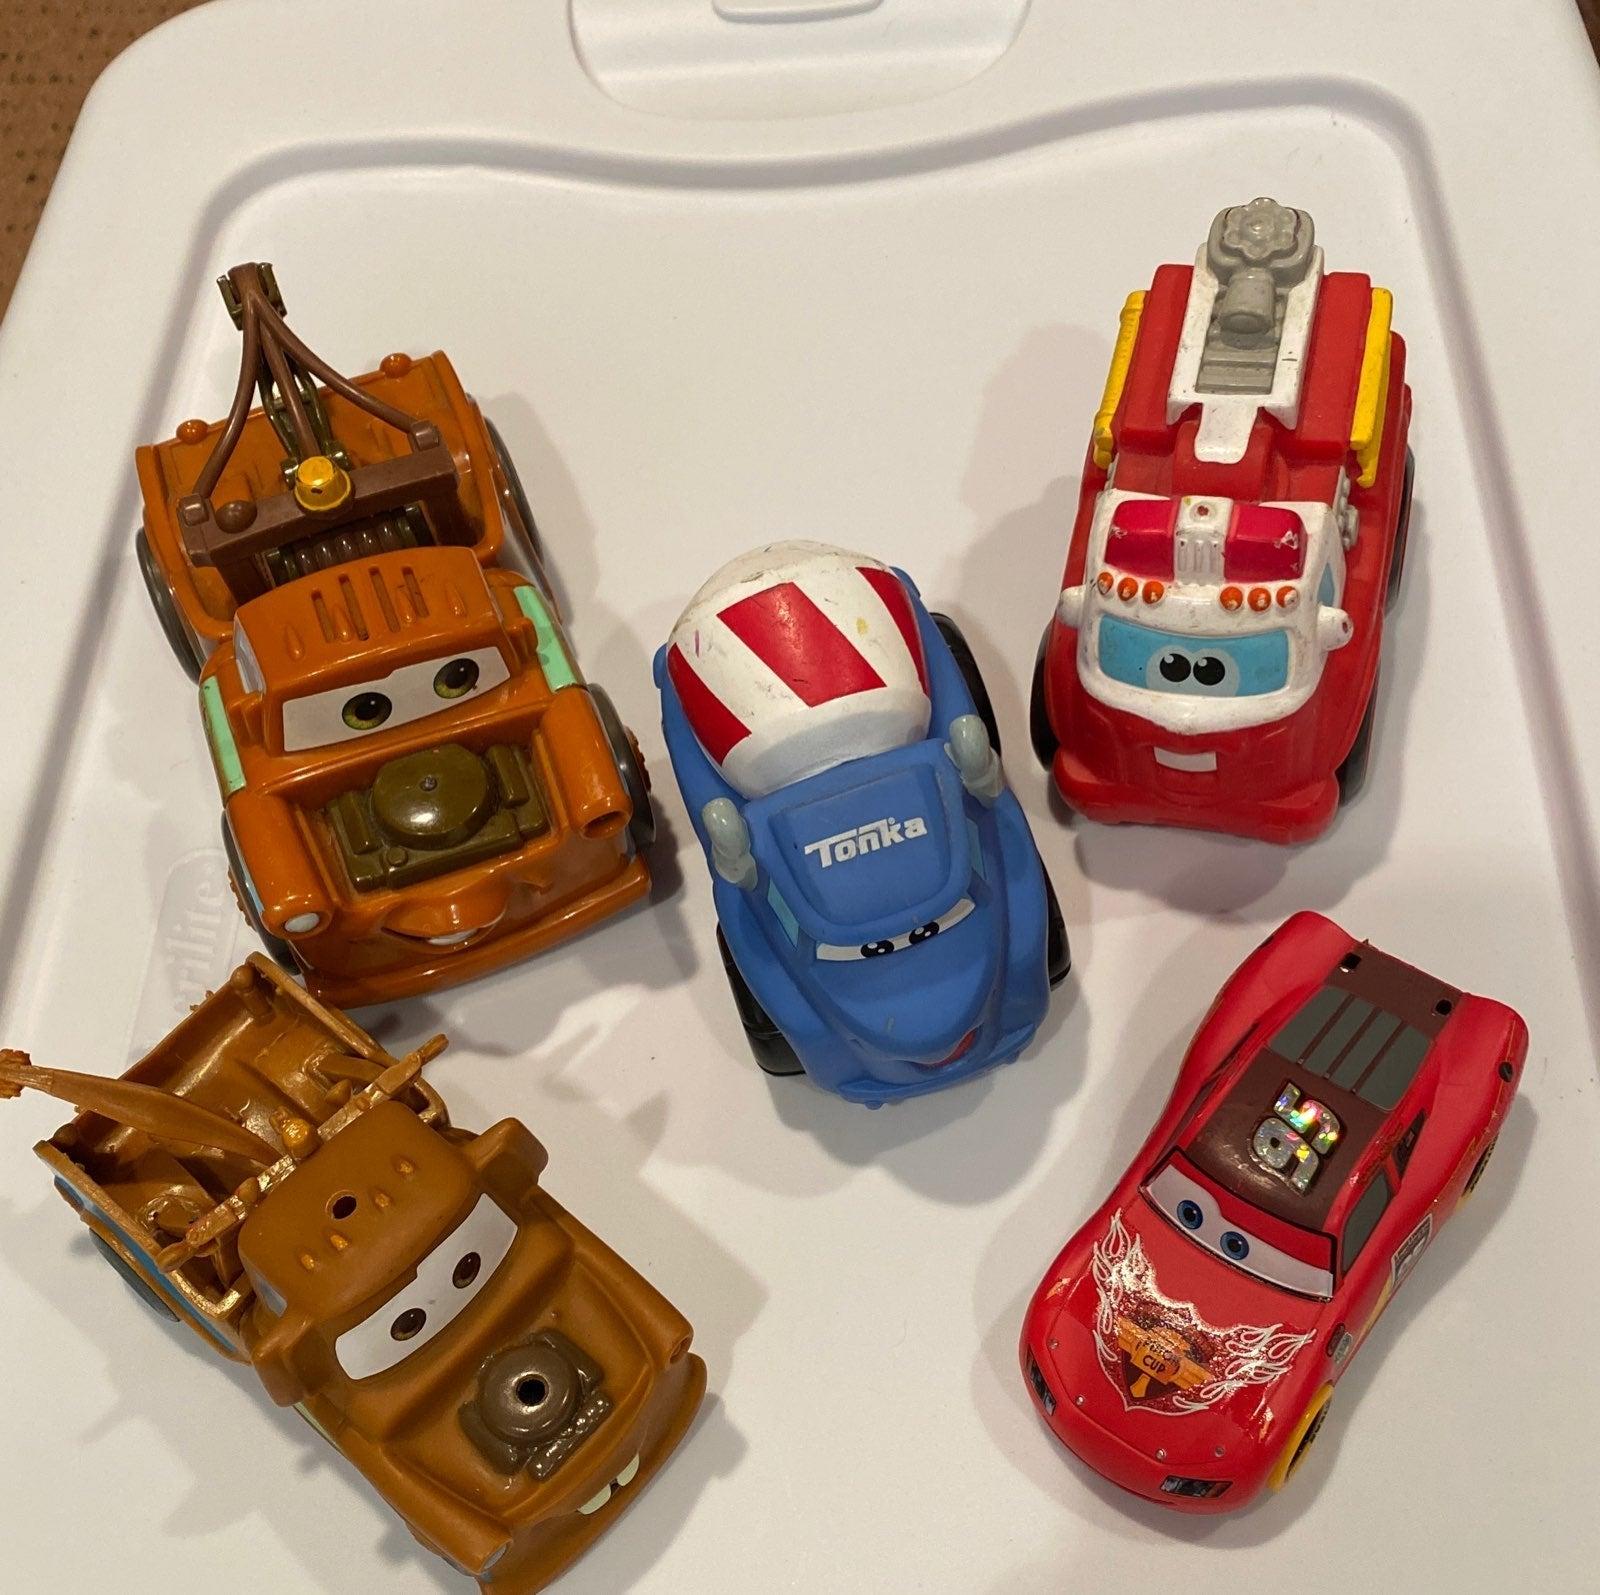 Lot of 5 Disney Pixar Cars